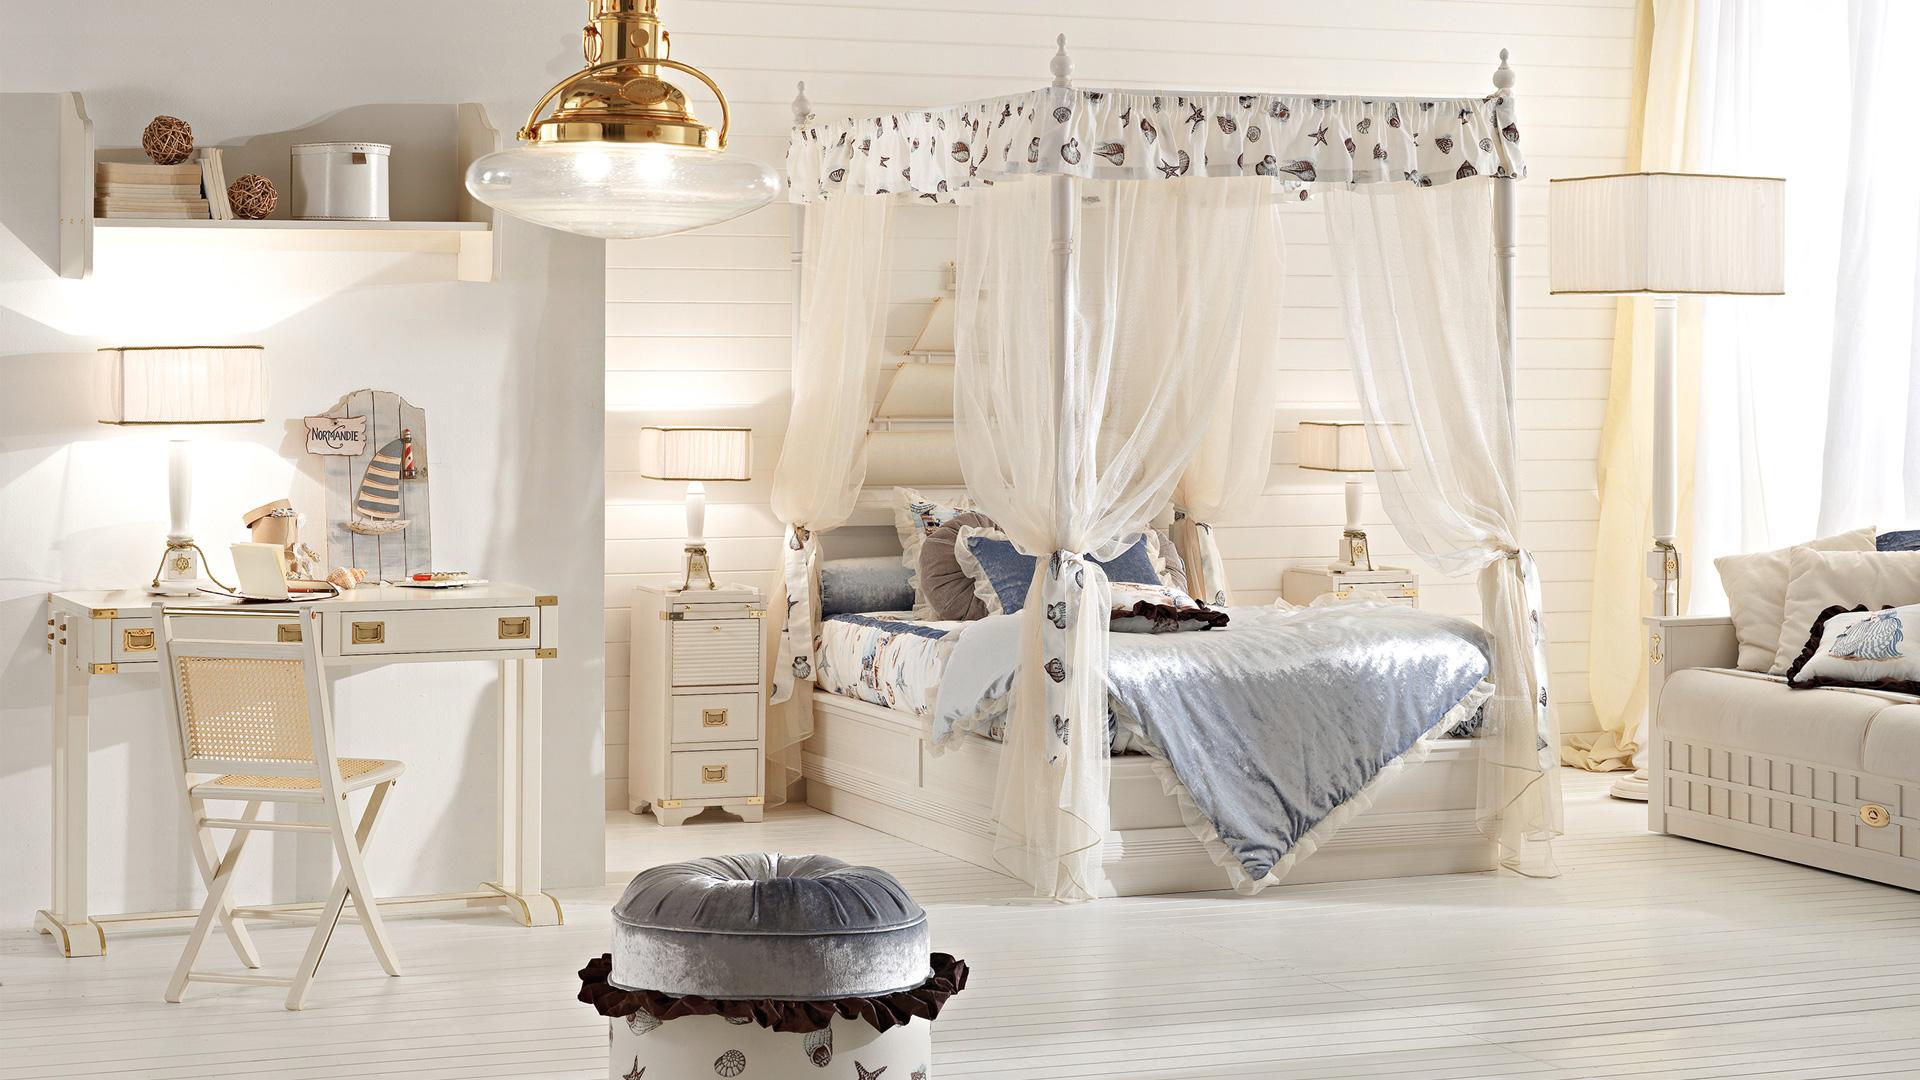 Testata letto con porta vecchia : testata del letto ad ovest ...